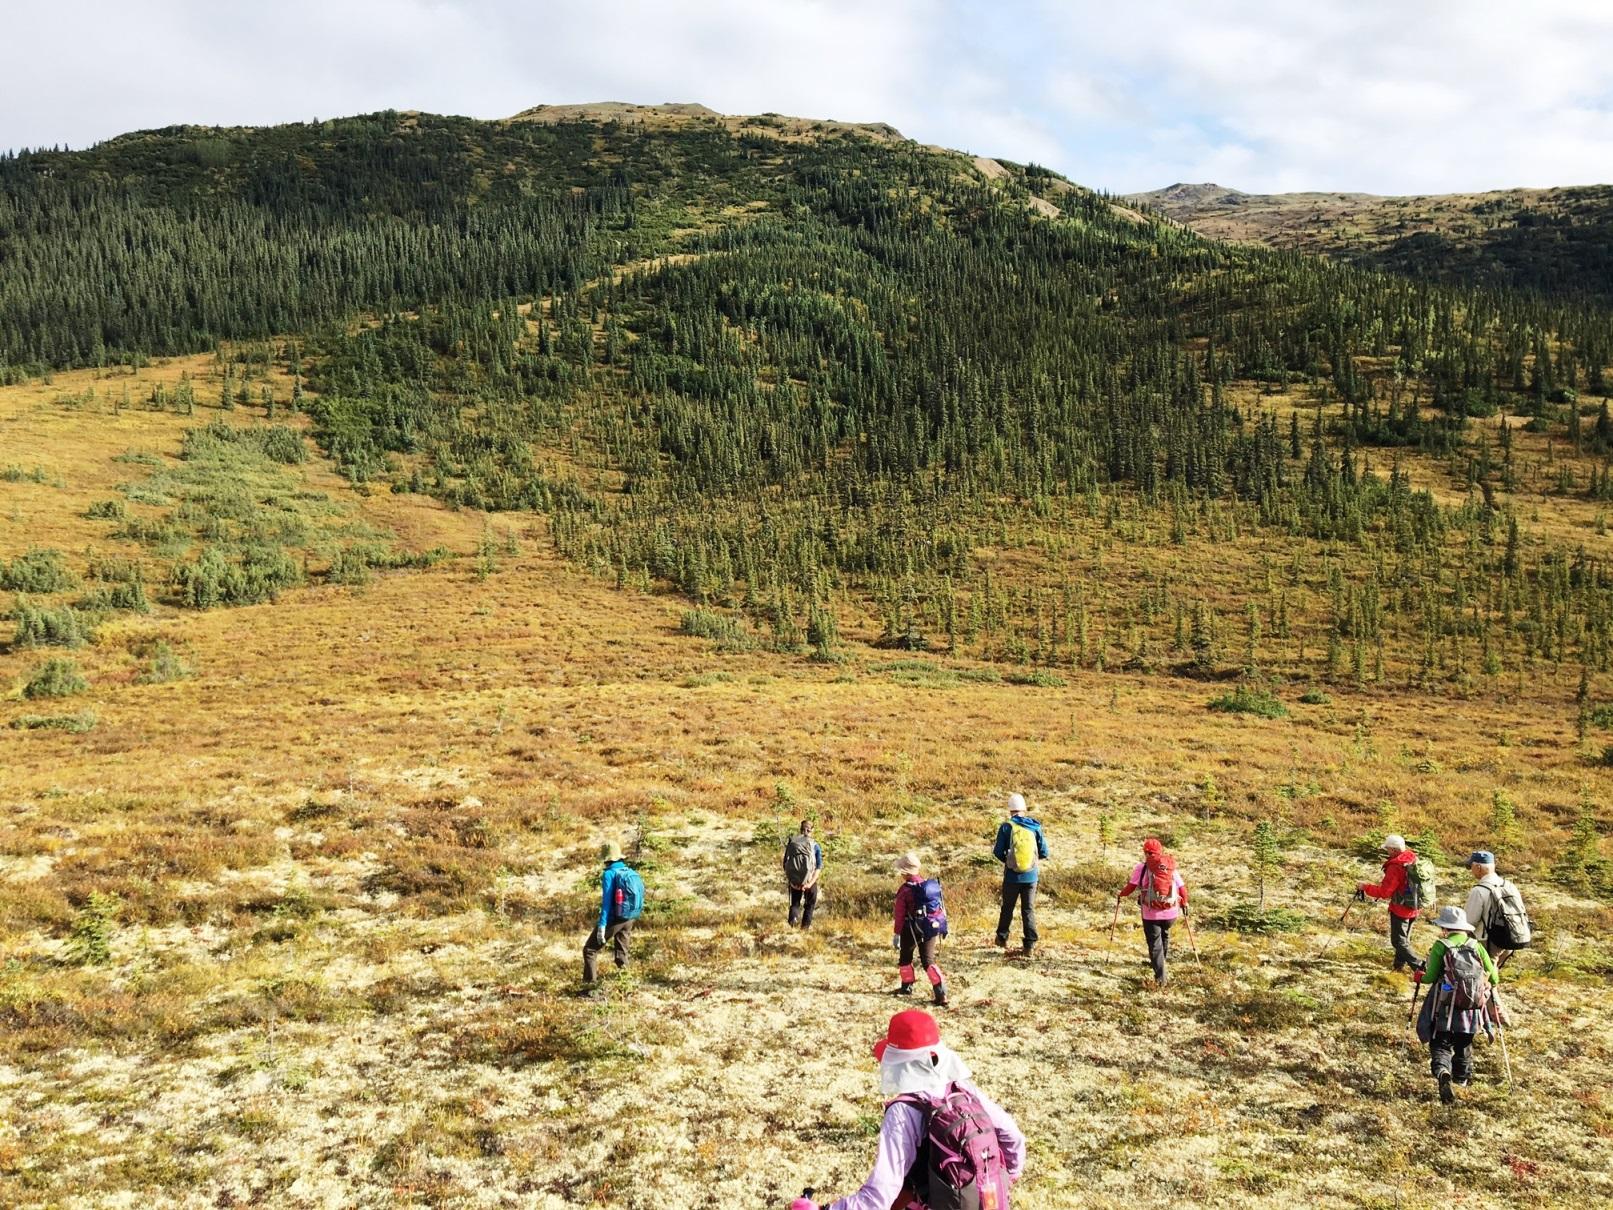 8月24日出発「デナリ国立公園最深部 キャンプ・デナリ滞在と氷河クルーズ 8日間」